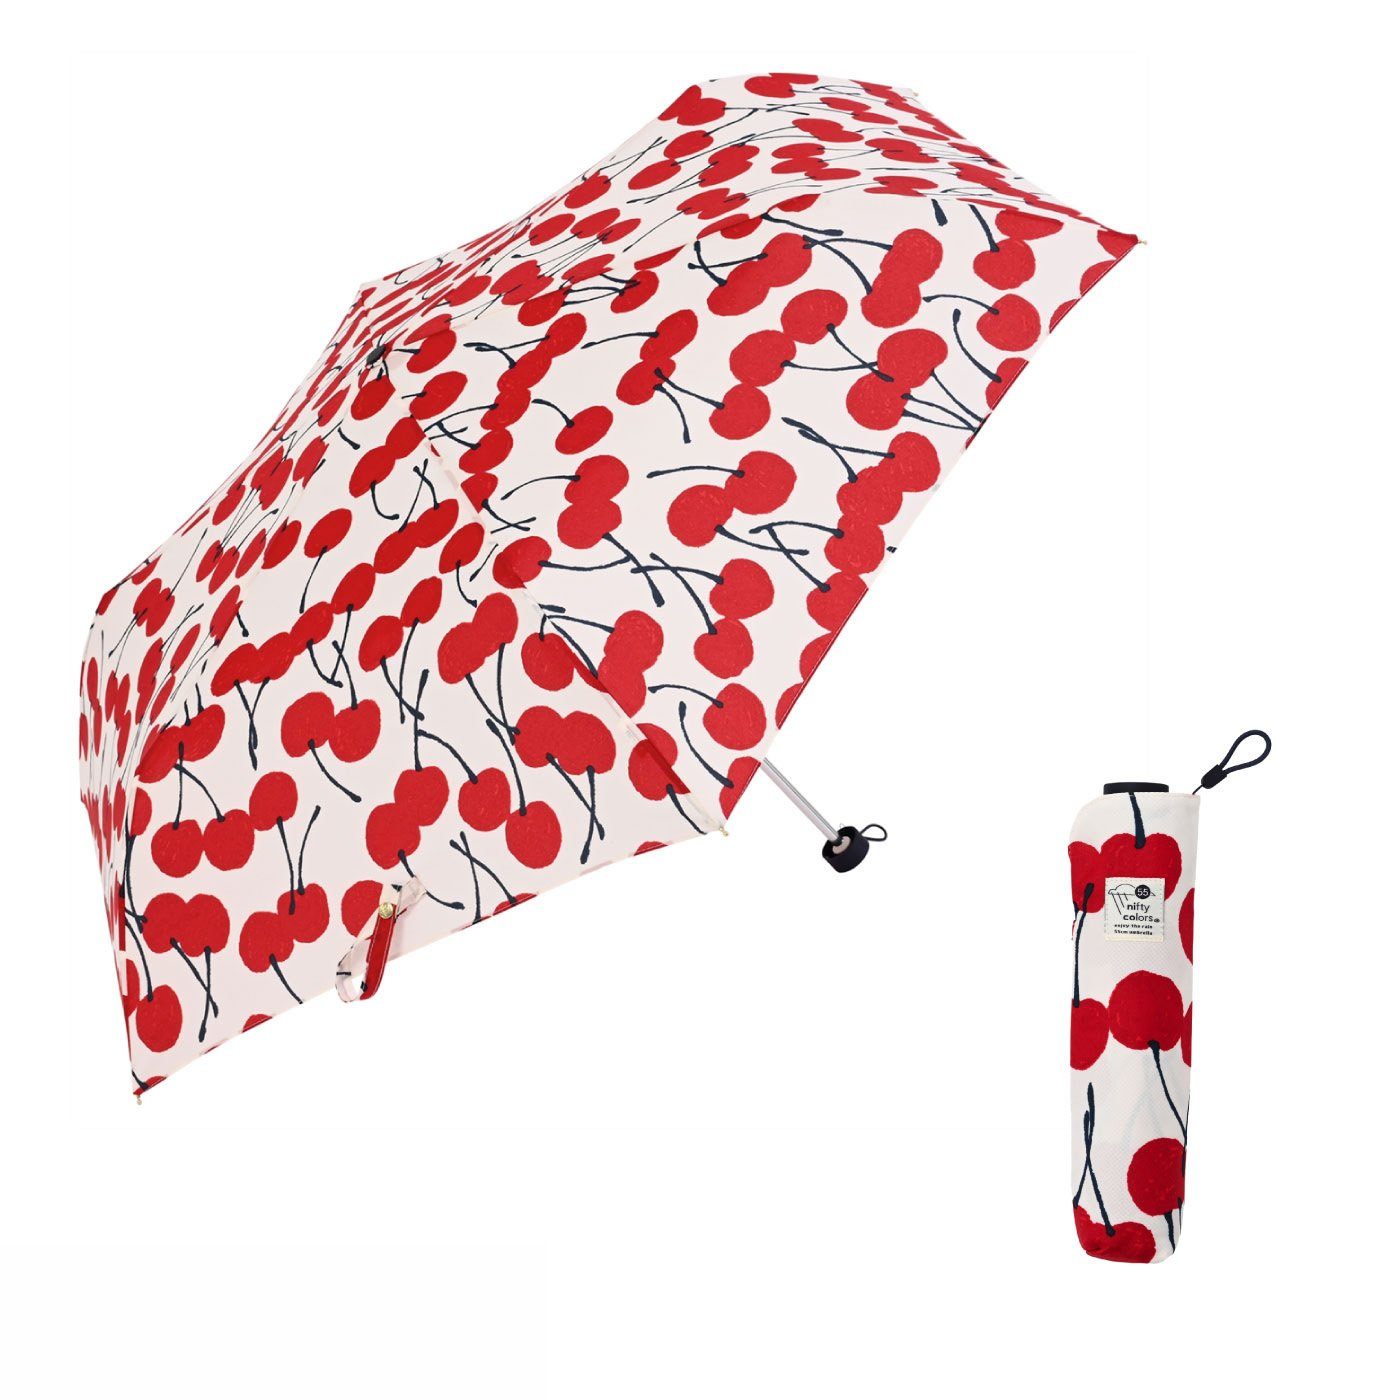 大人かわいいチェリー柄にうっとり!ちょっと大きめ55cmのチェリー雨傘